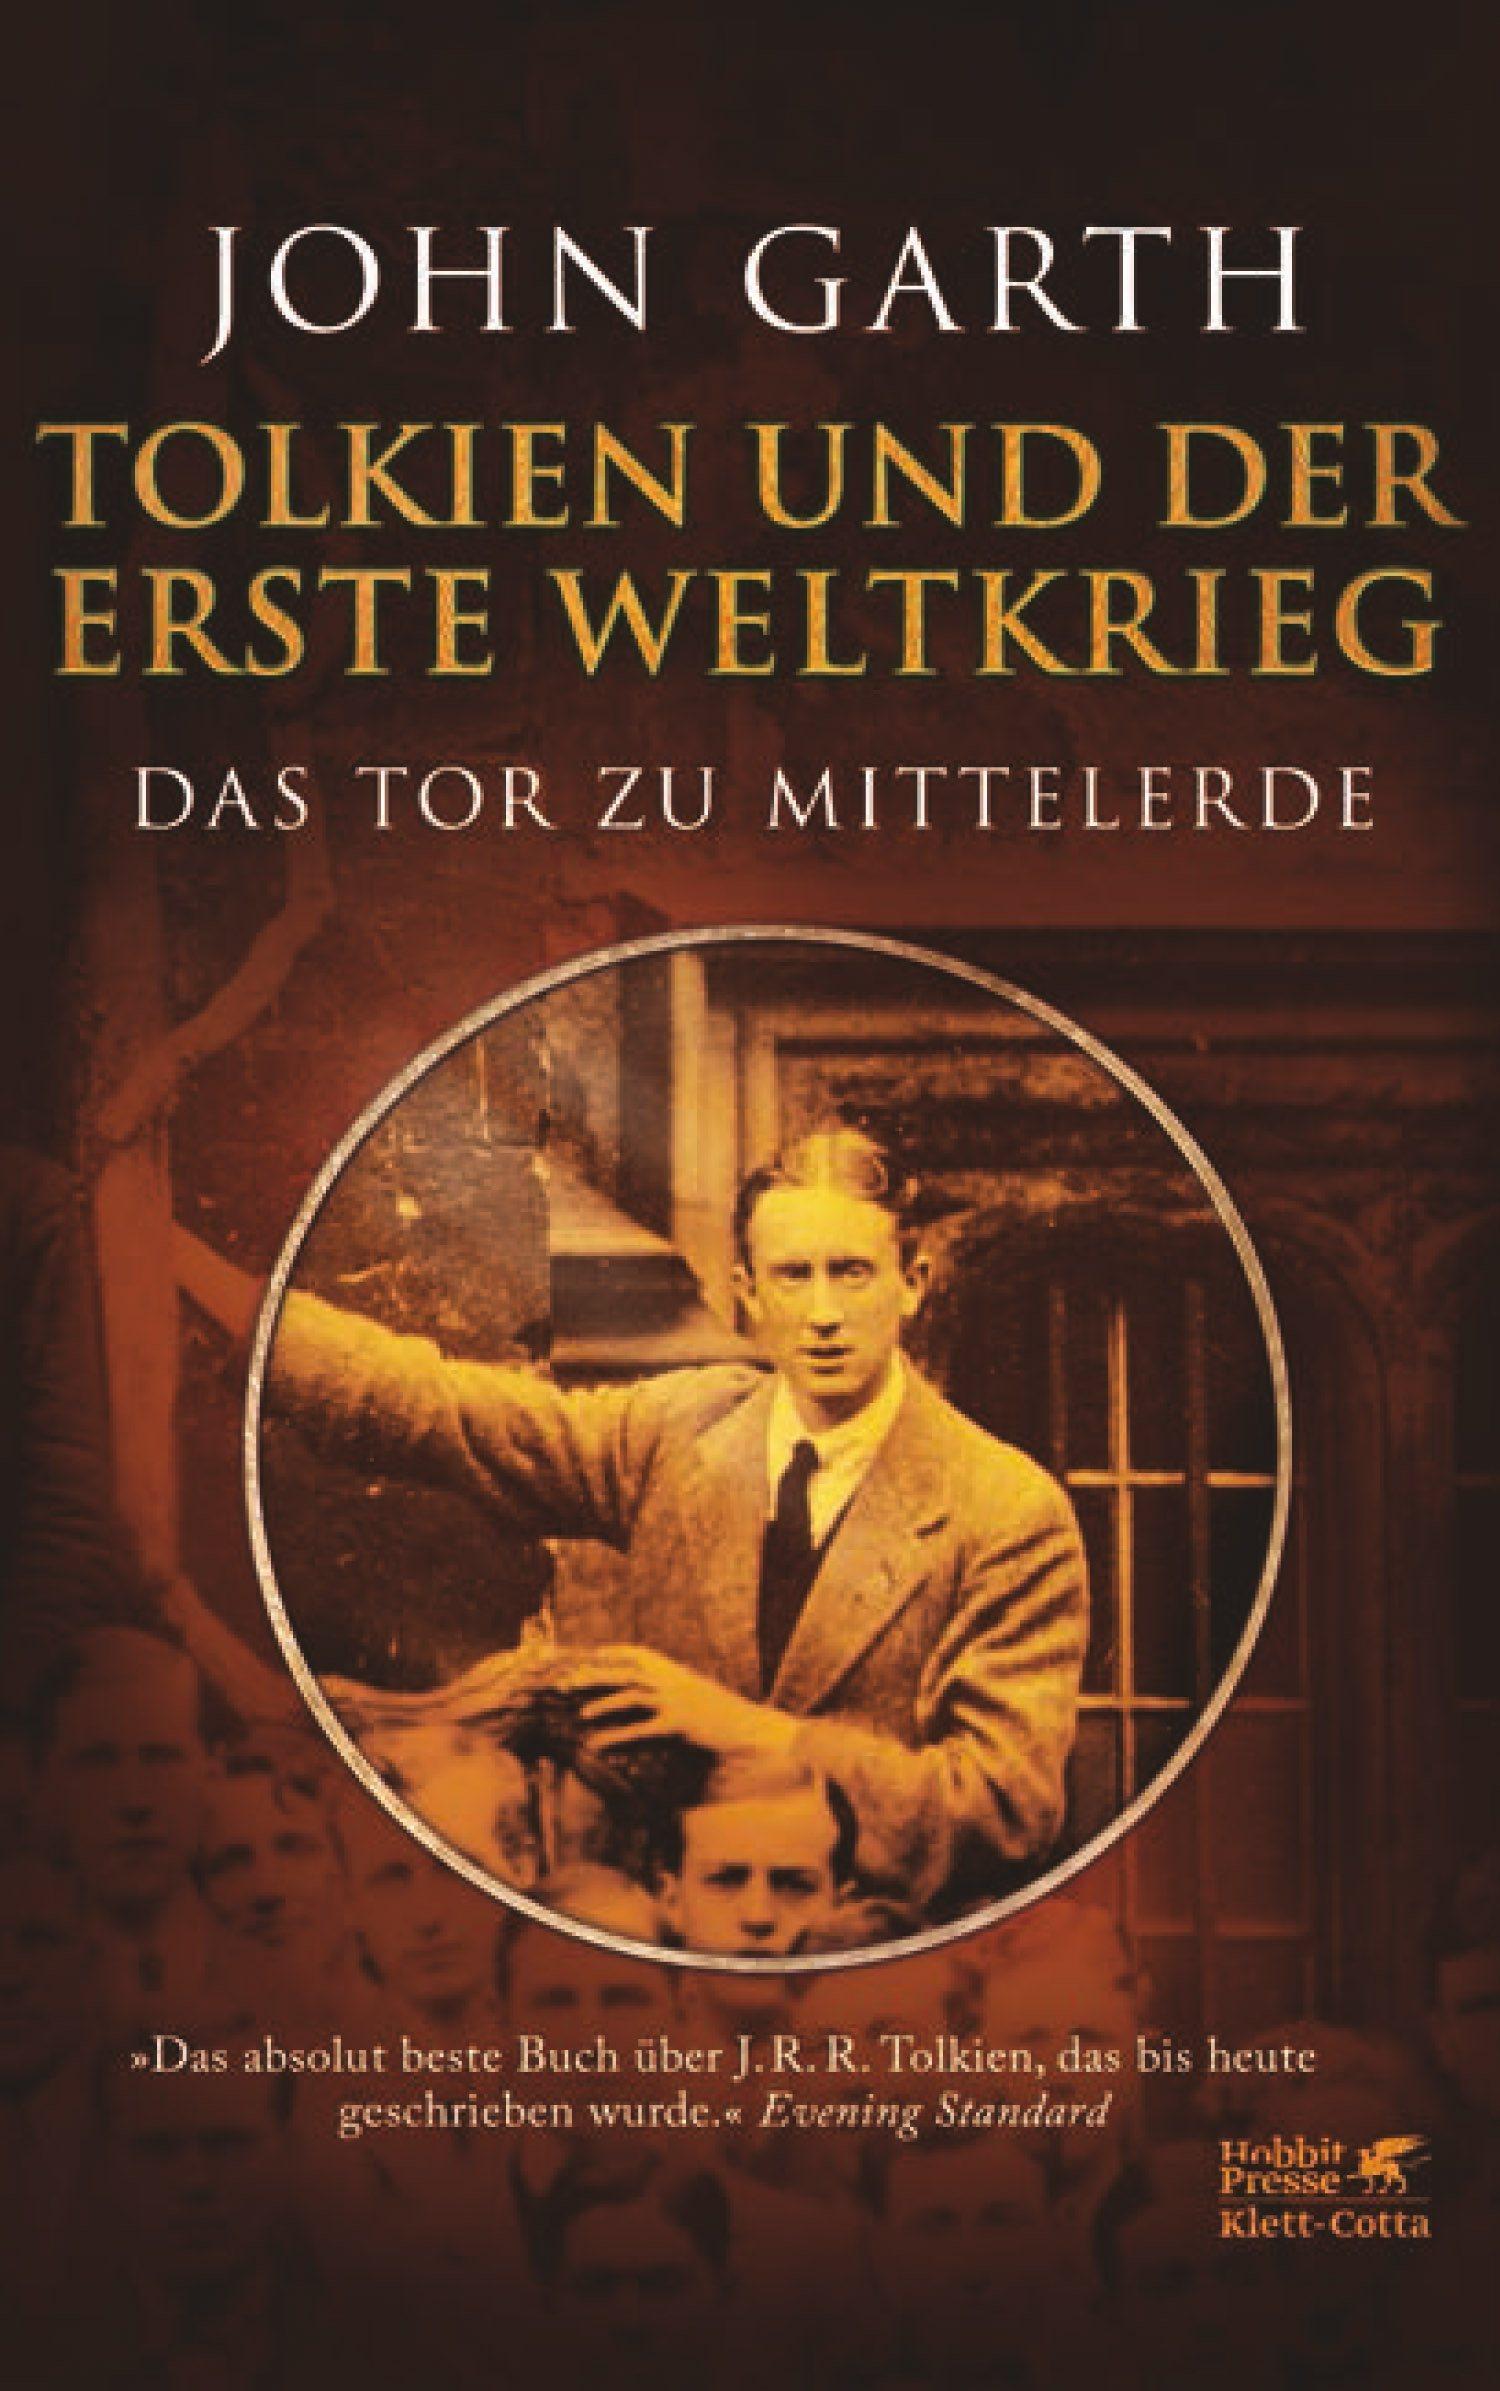 John Garth – Tolkien und der Erste Weltkrieg (Buch)